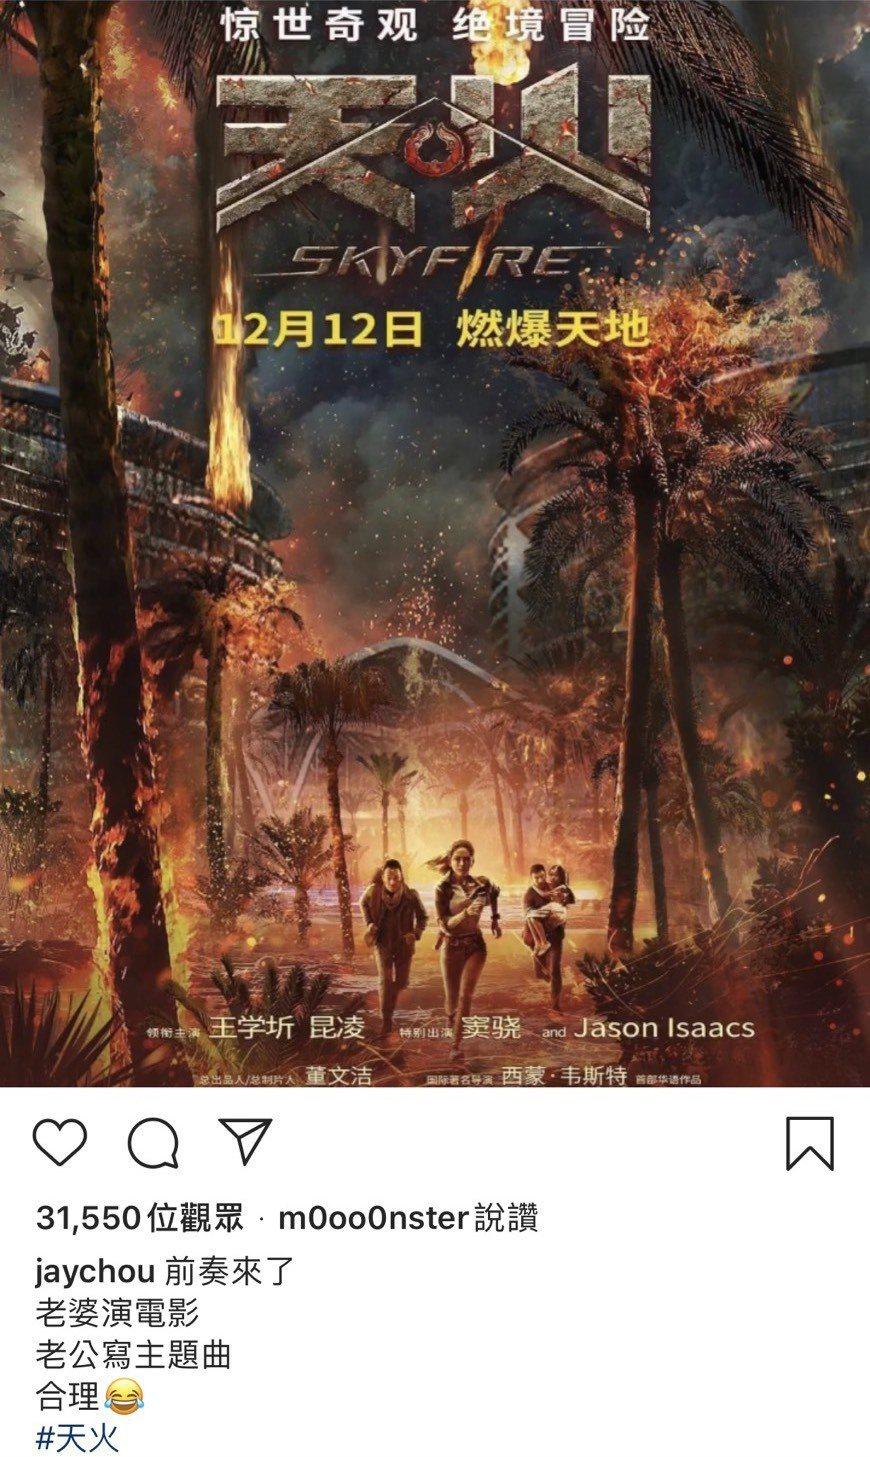 周杰倫為老婆昆凌電影新作「天火」幫忙宣傳。圖/摘自IG